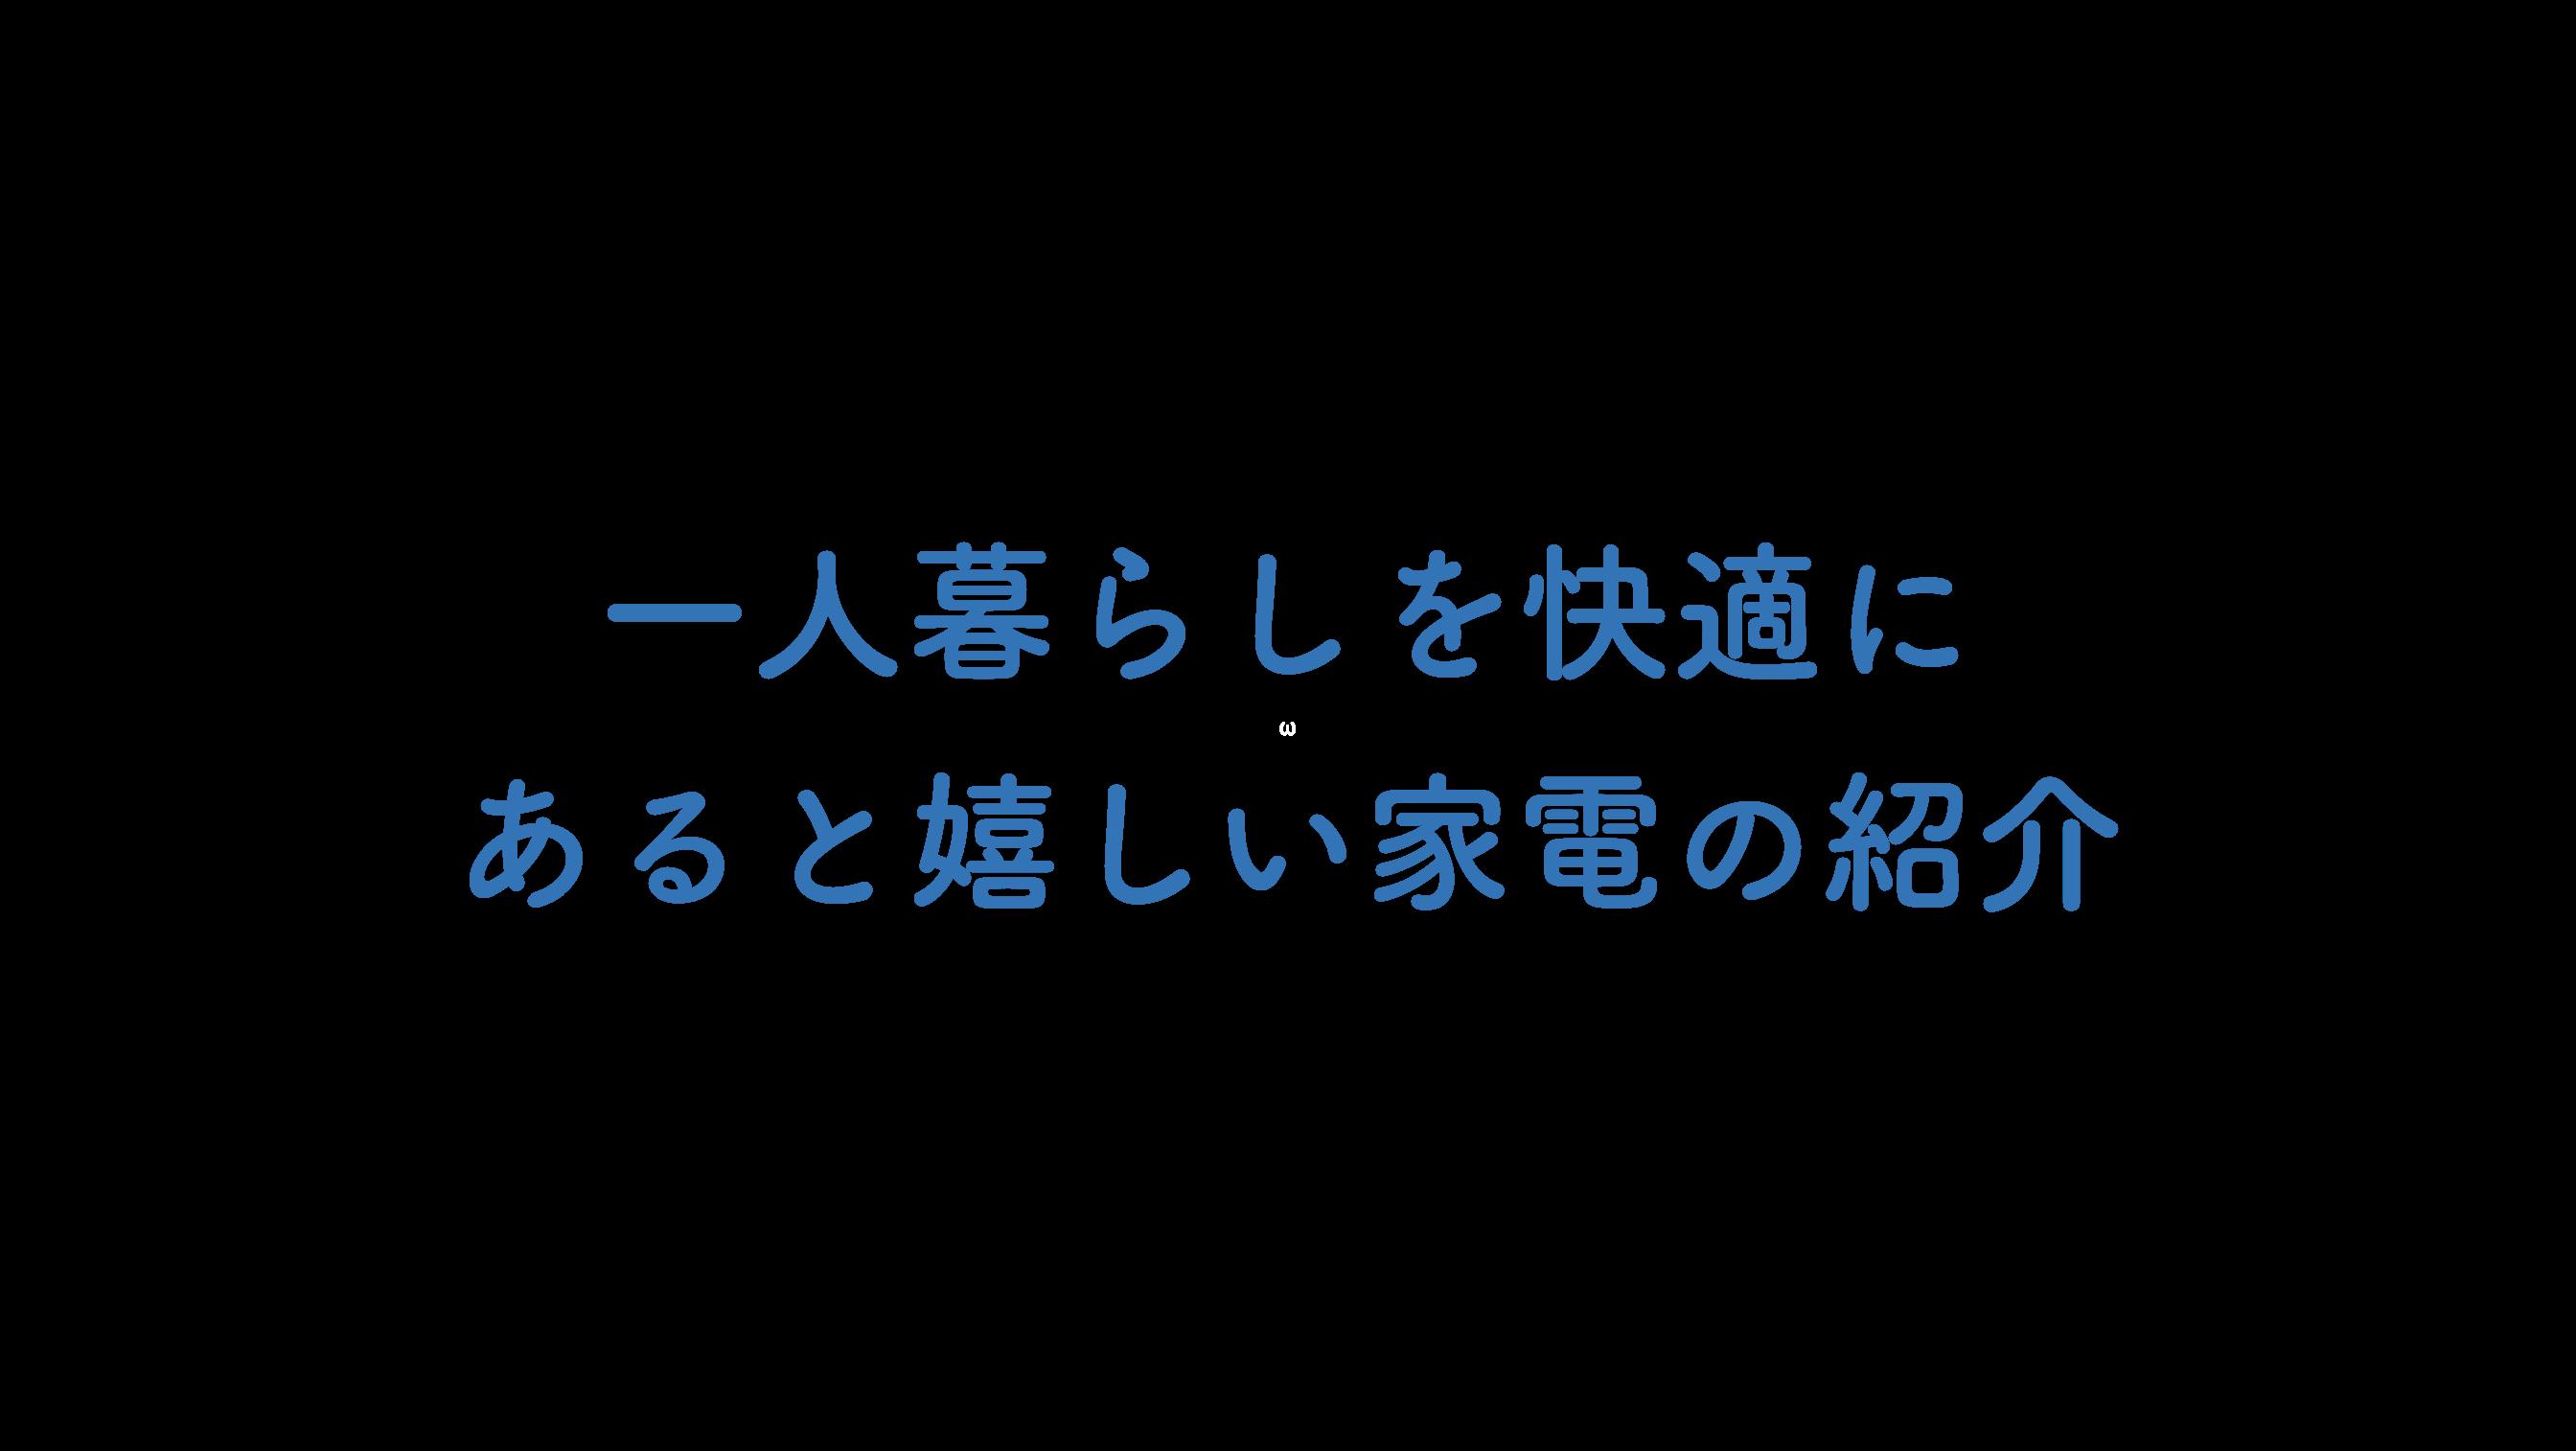 hitori-gurashi-kaden